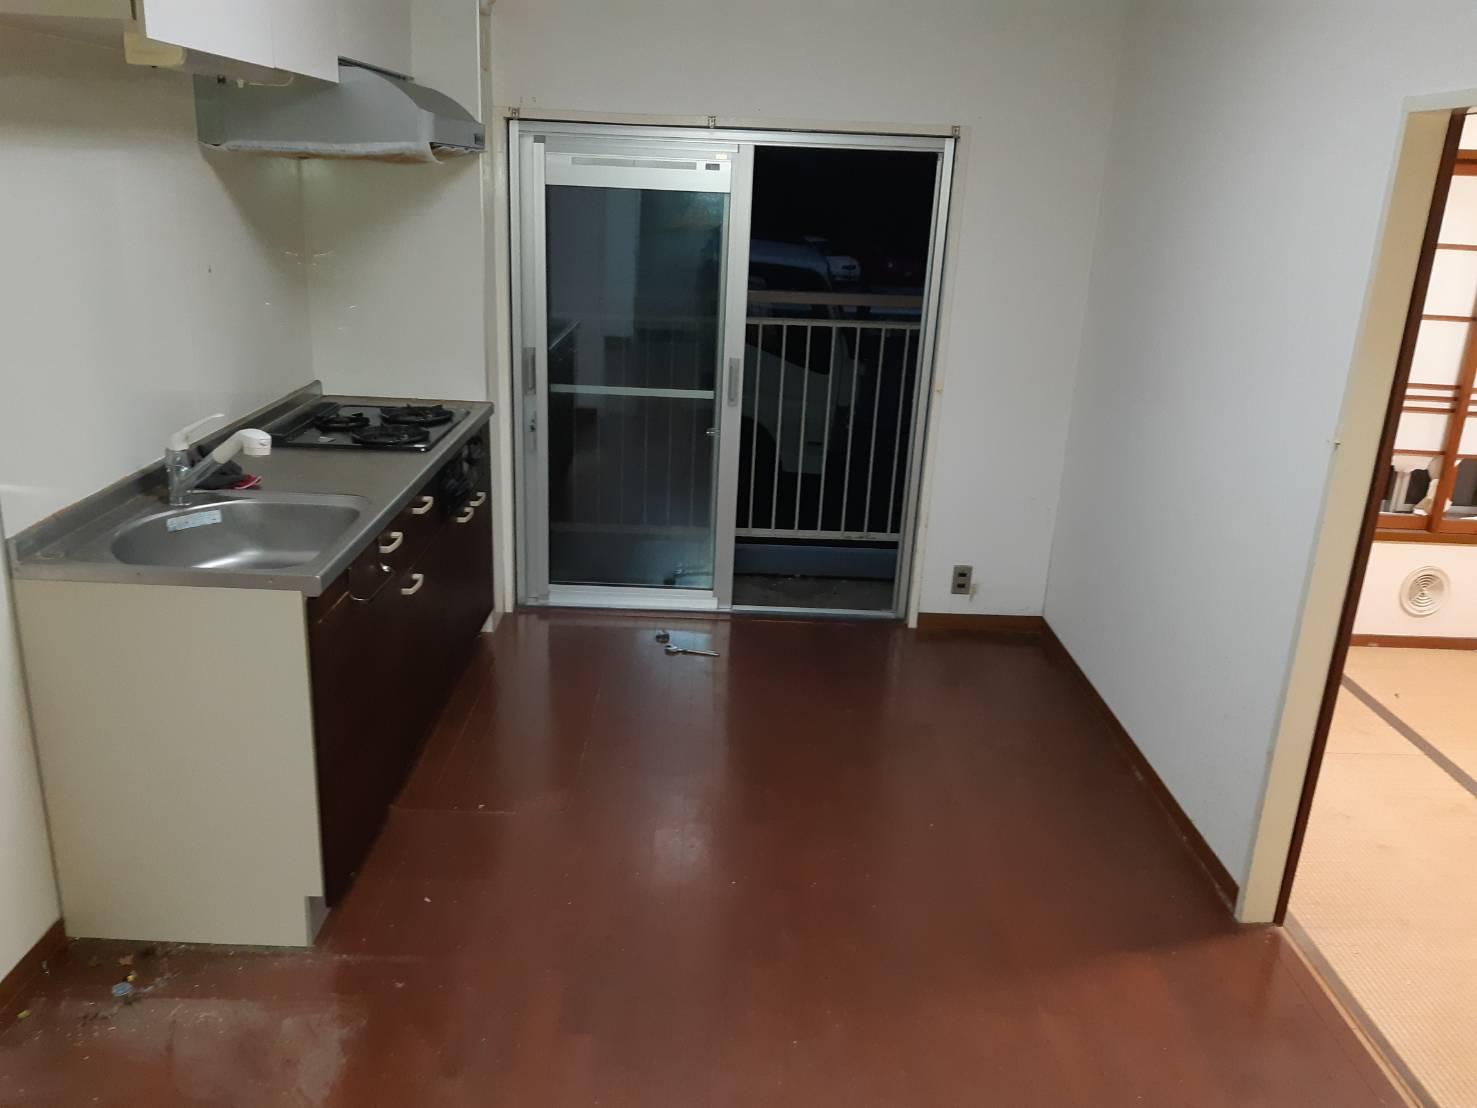 冷蔵庫、小物の回収後